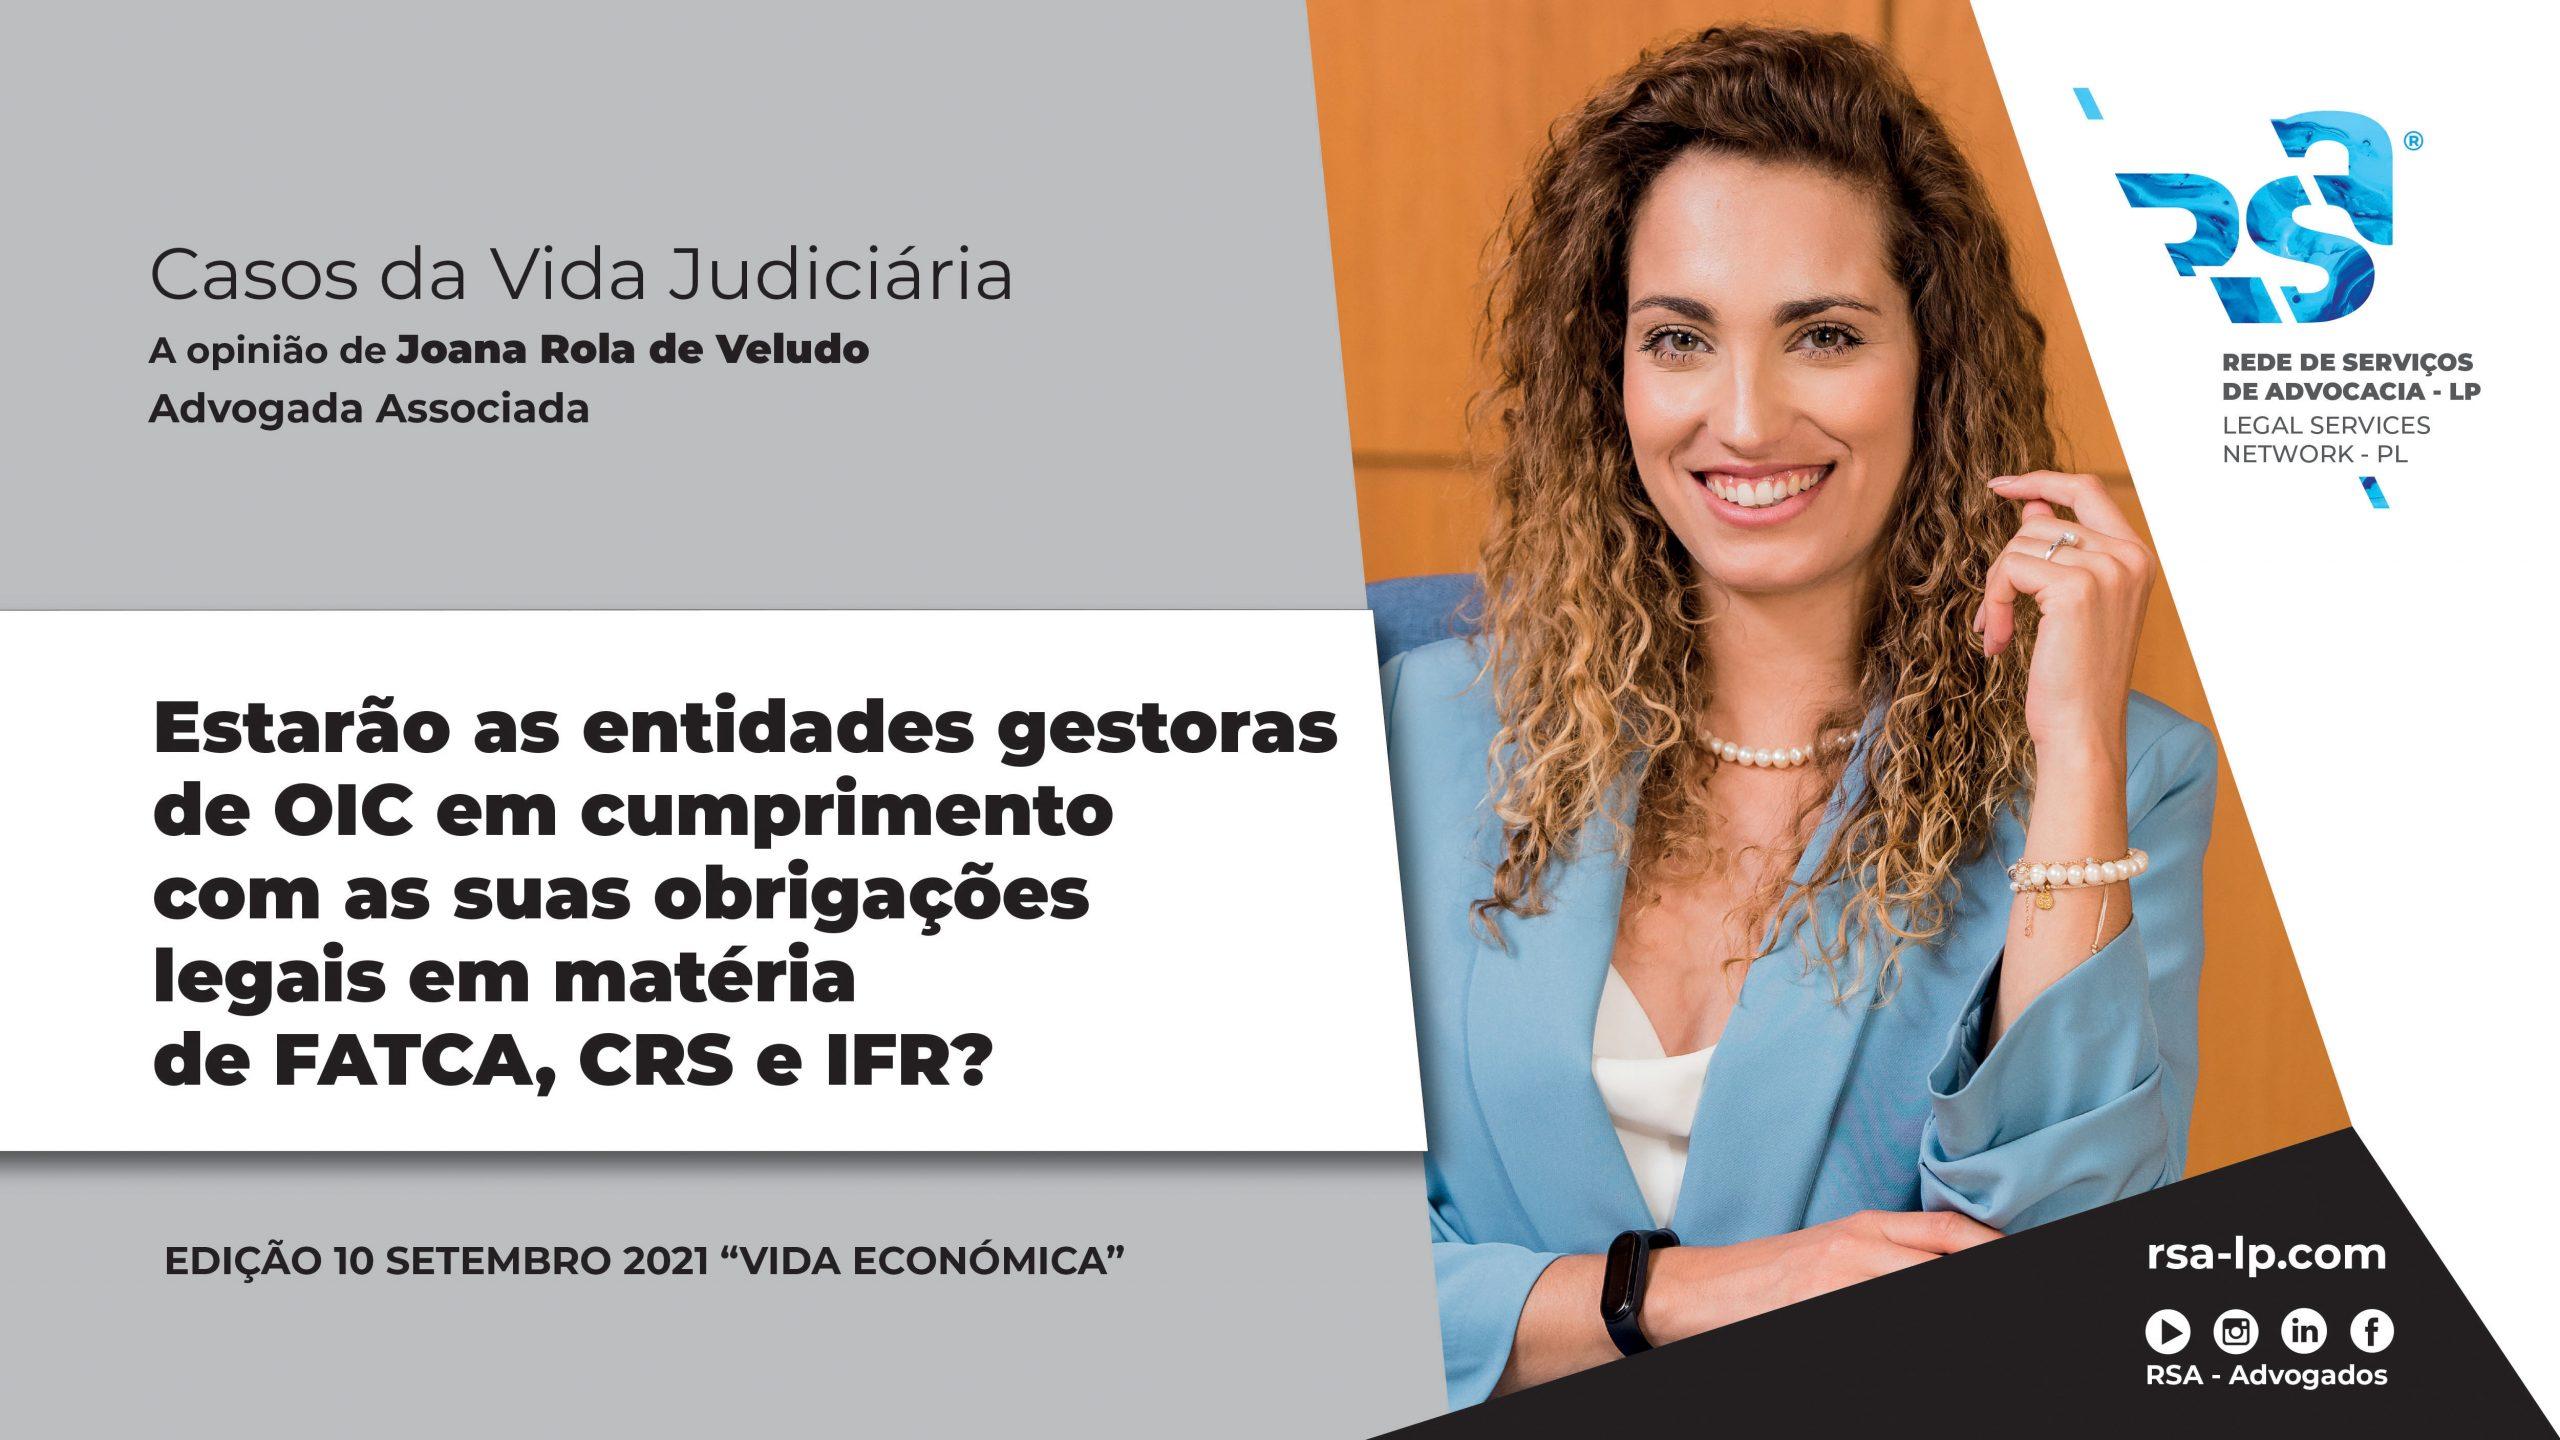 Estarão as entidades gestoras de OIC em cumprimento com as suas obrigações legais em matéria de FATCA, CRS e IFR?, por Joana Rola de Veludo